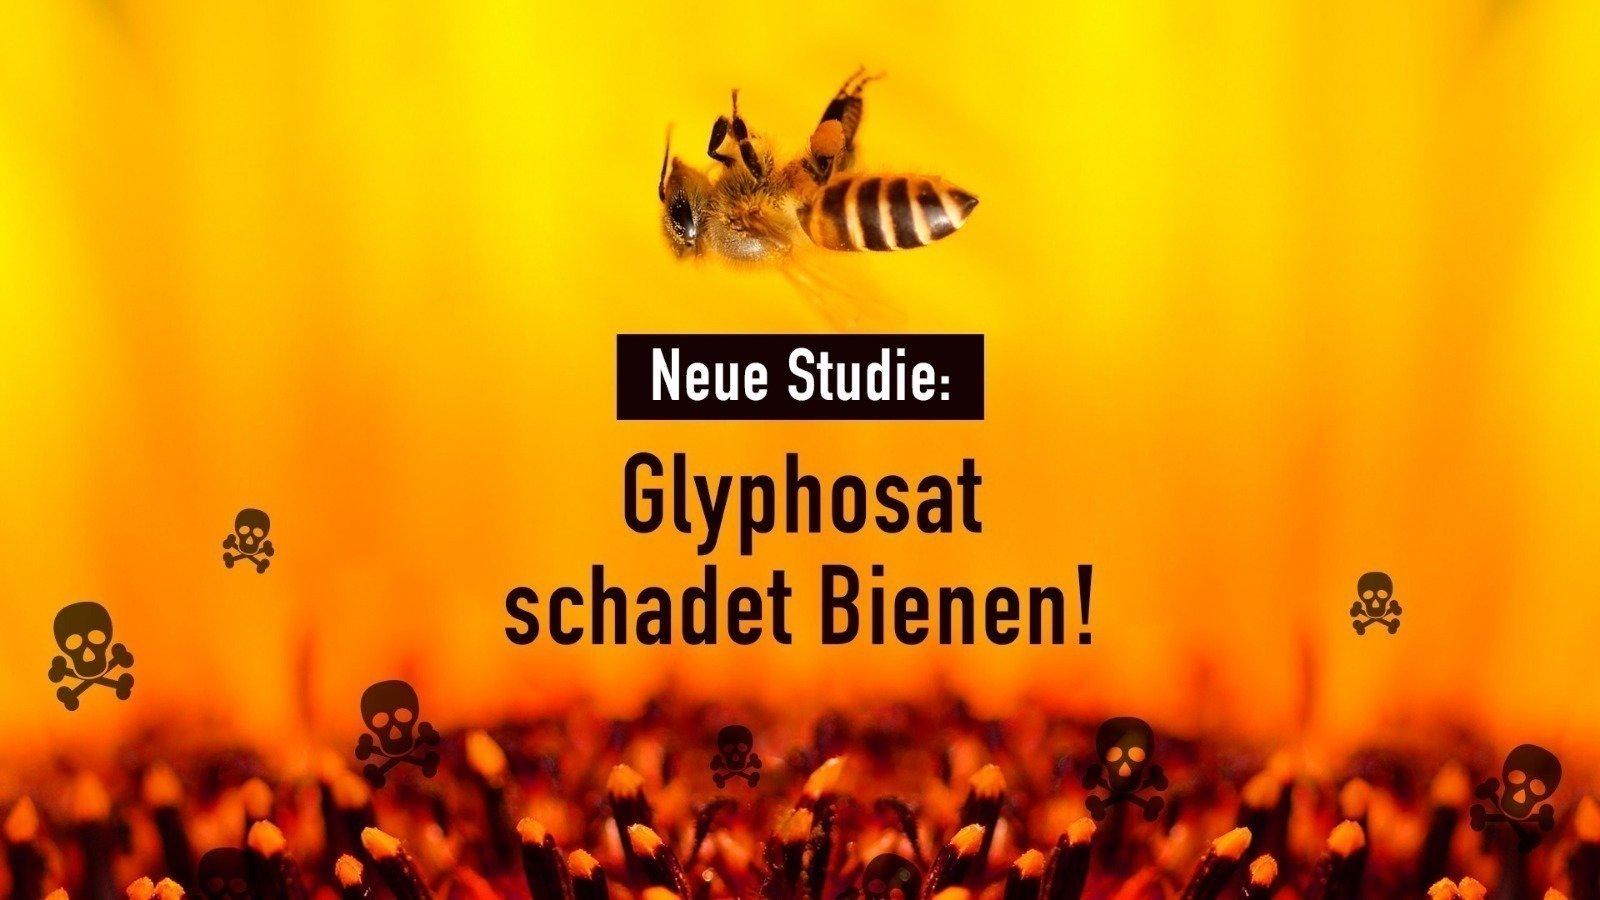 Neue wichtige Petition zum Bienensterben: Glyphosat schadet Bienen - das Herbizid muss vom Acker!